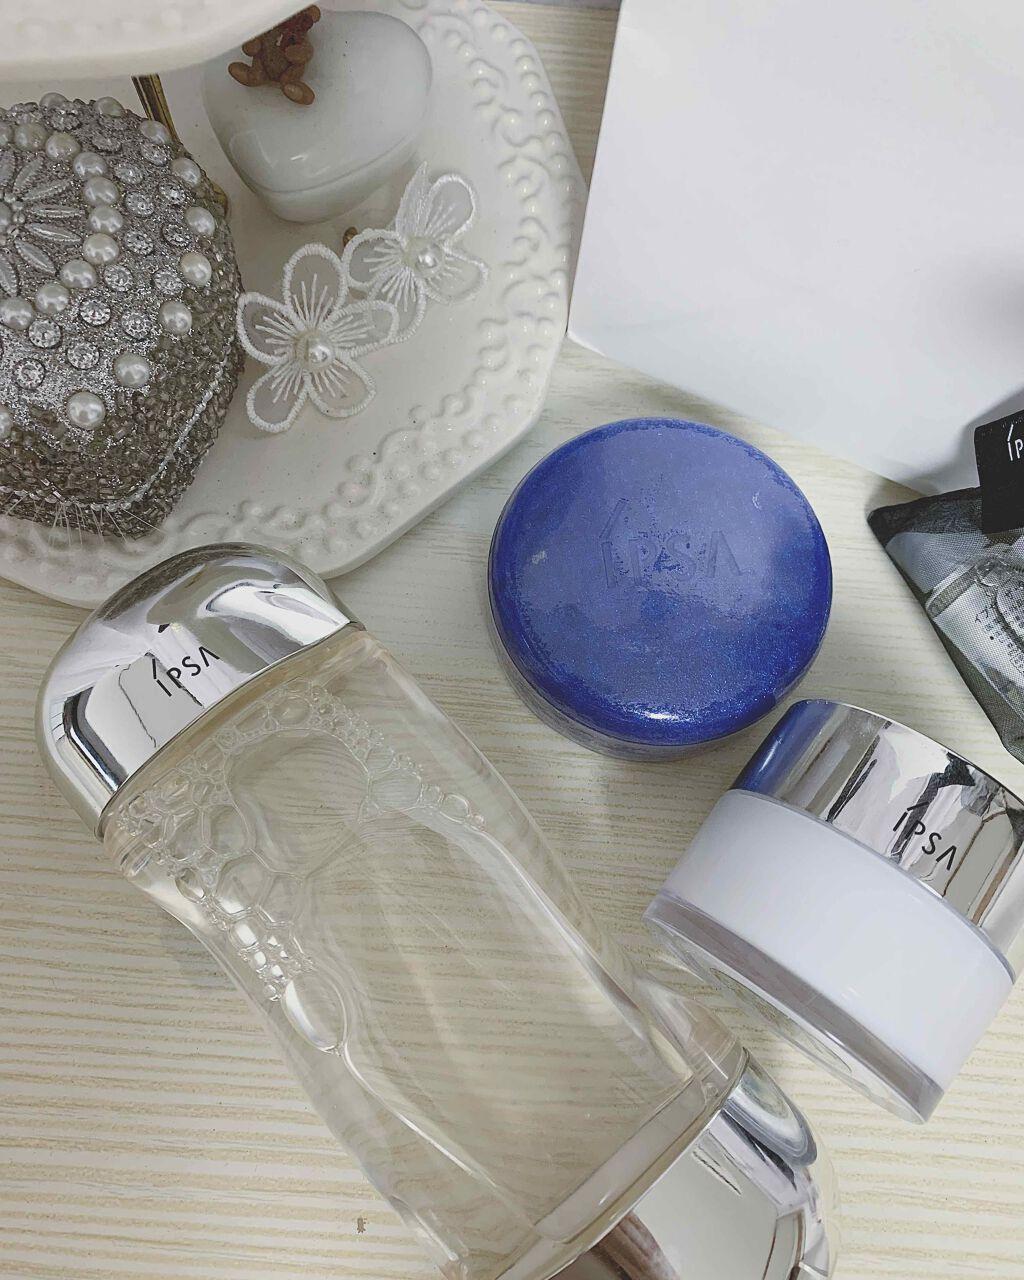 イプサの洗顔でつや肌に。毛穴・ニキビ・敏感肌etc.にも◎な洗顔料4種比較